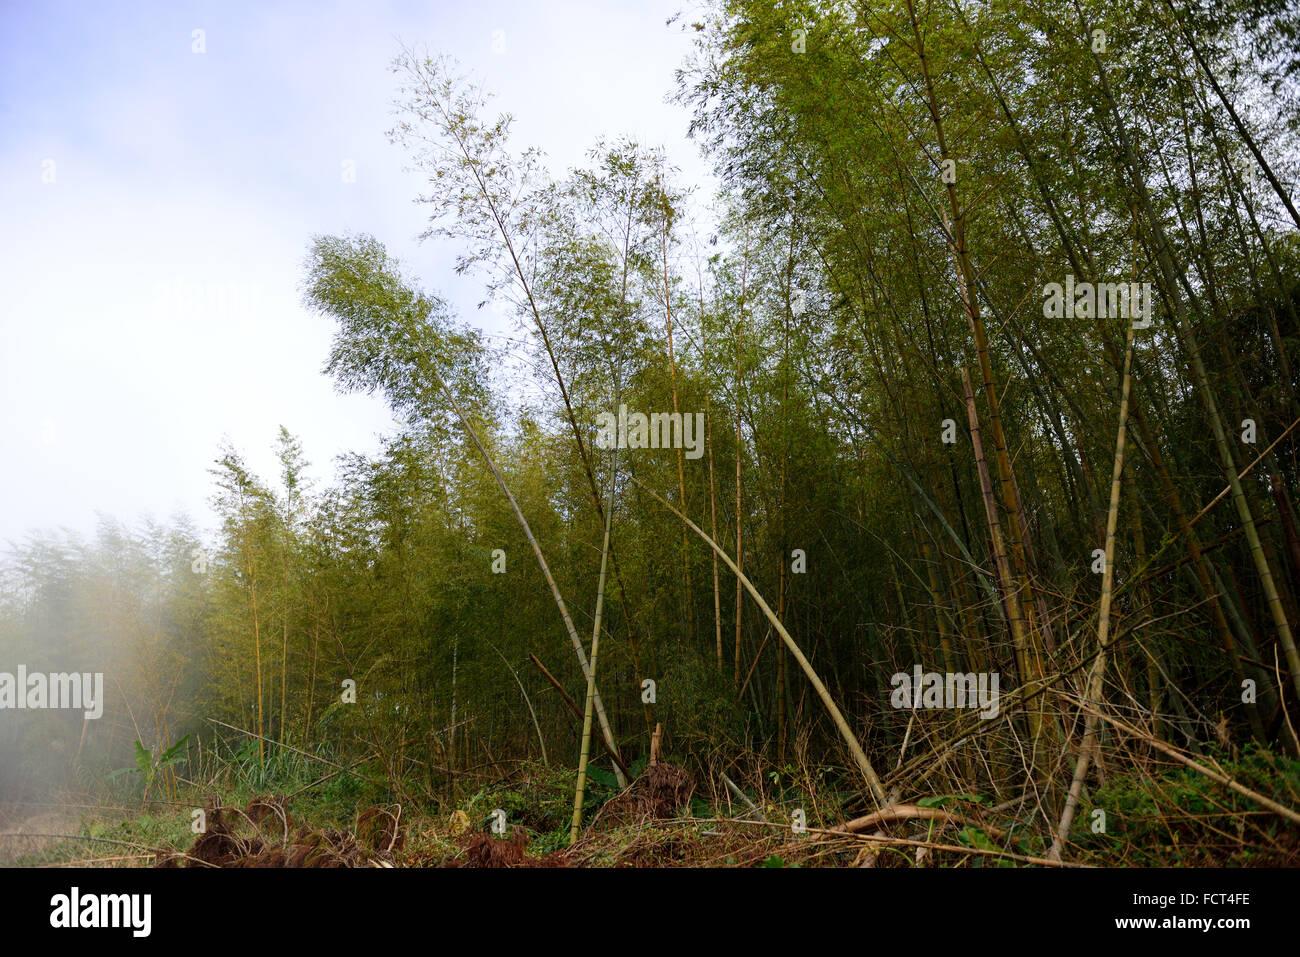 Bamboo grove, aménage des sentiers de montagne à Taiwan Photo Stock